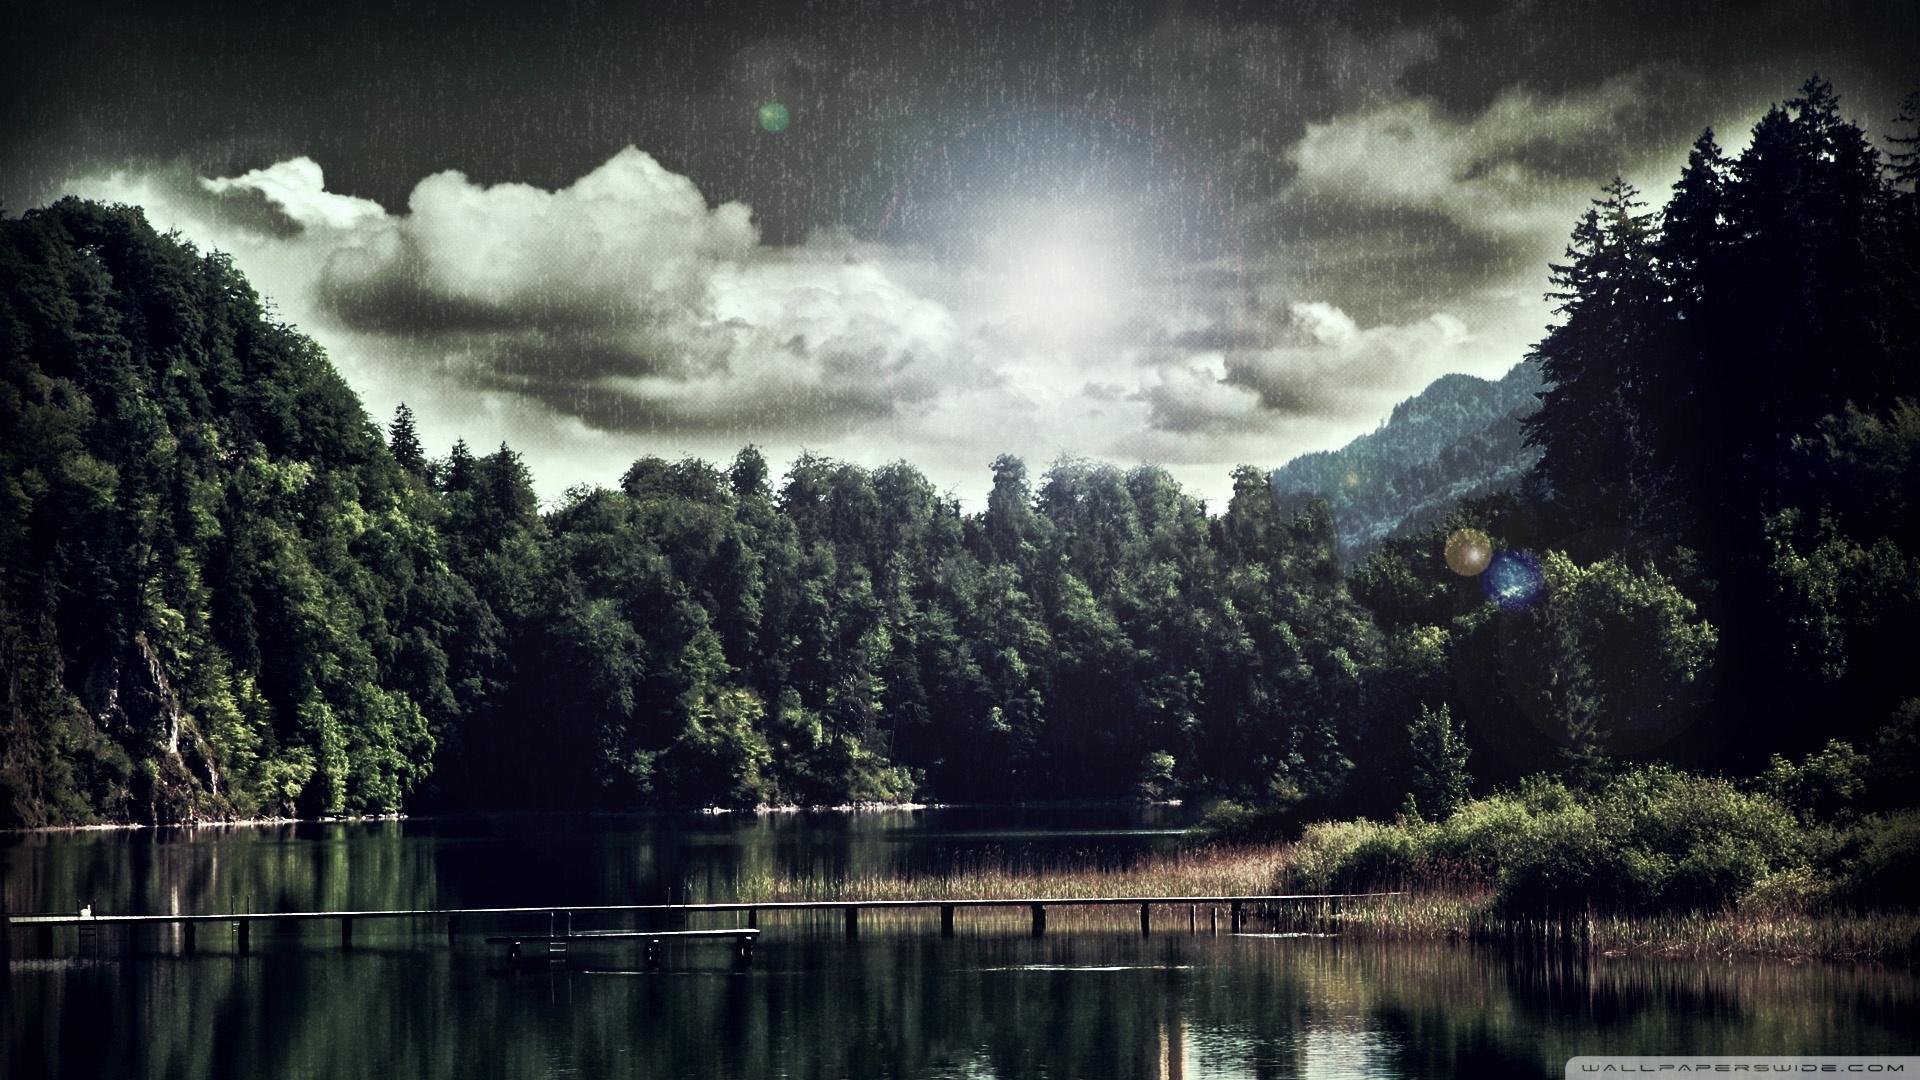 17352 скачать обои Пейзаж, Вода, Деревья - заставки и картинки бесплатно